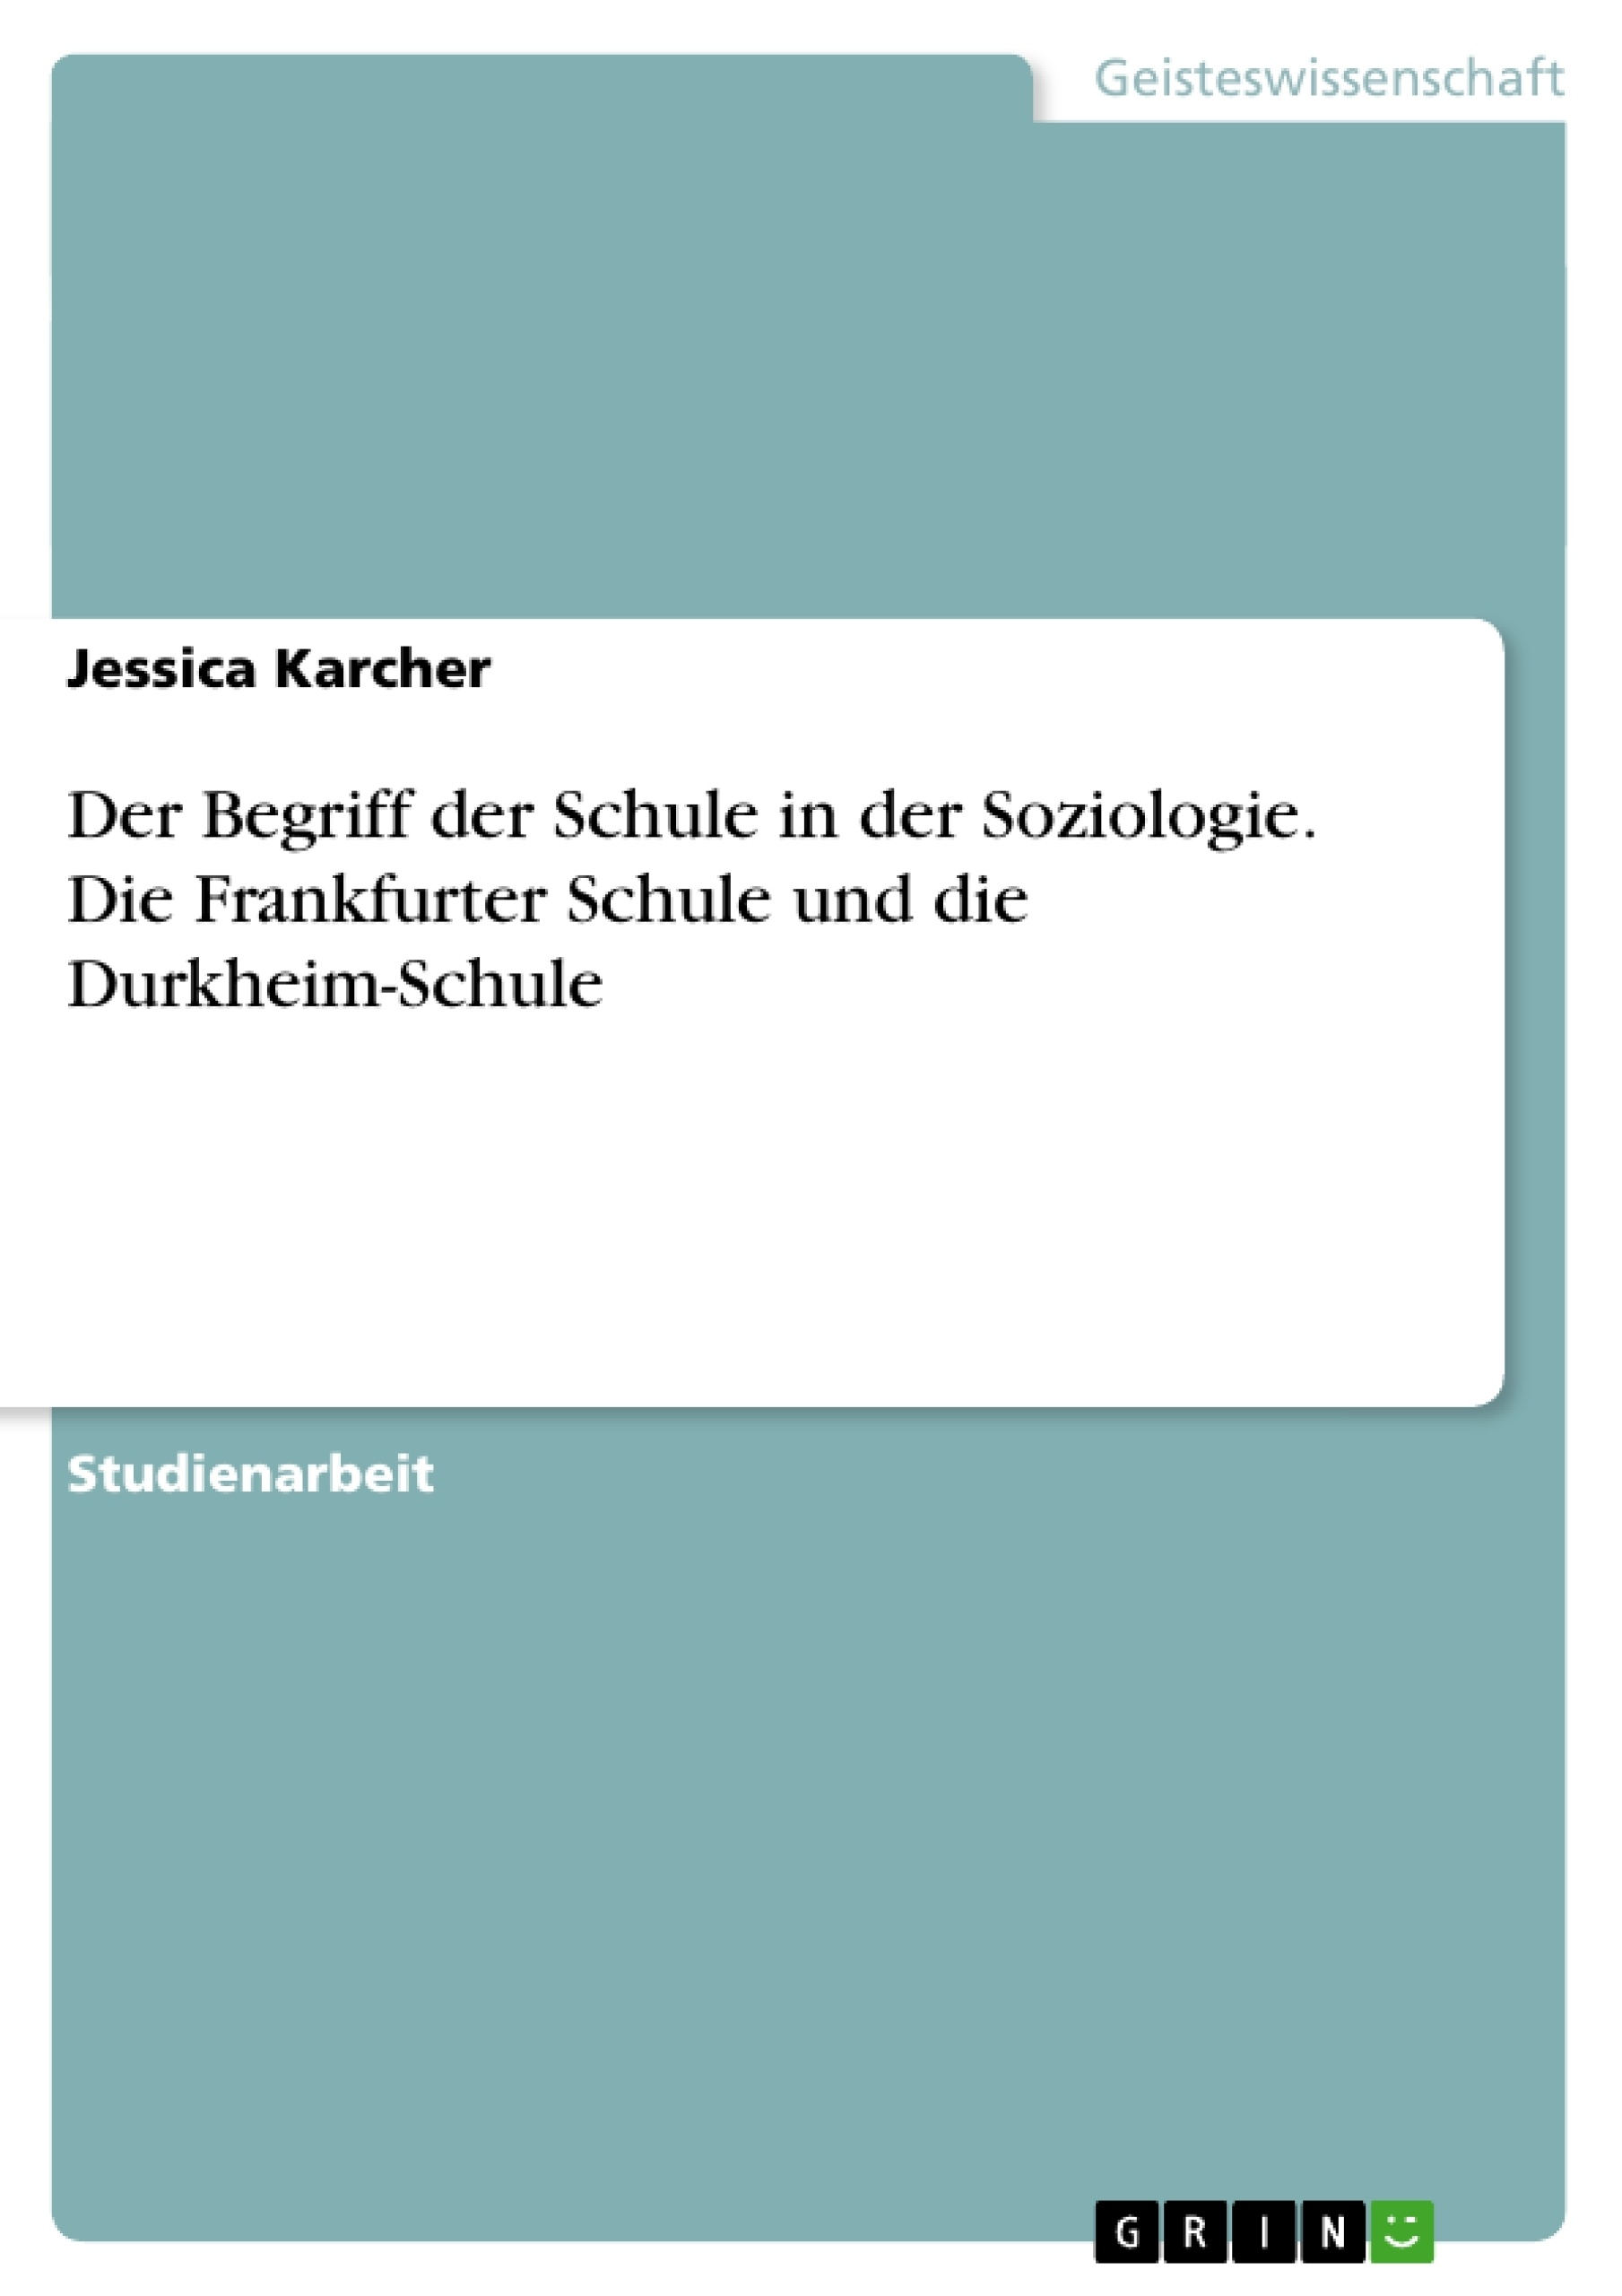 Titel: Der Begriff der Schule in der Soziologie. Die Frankfurter Schule und die Durkheim-Schule